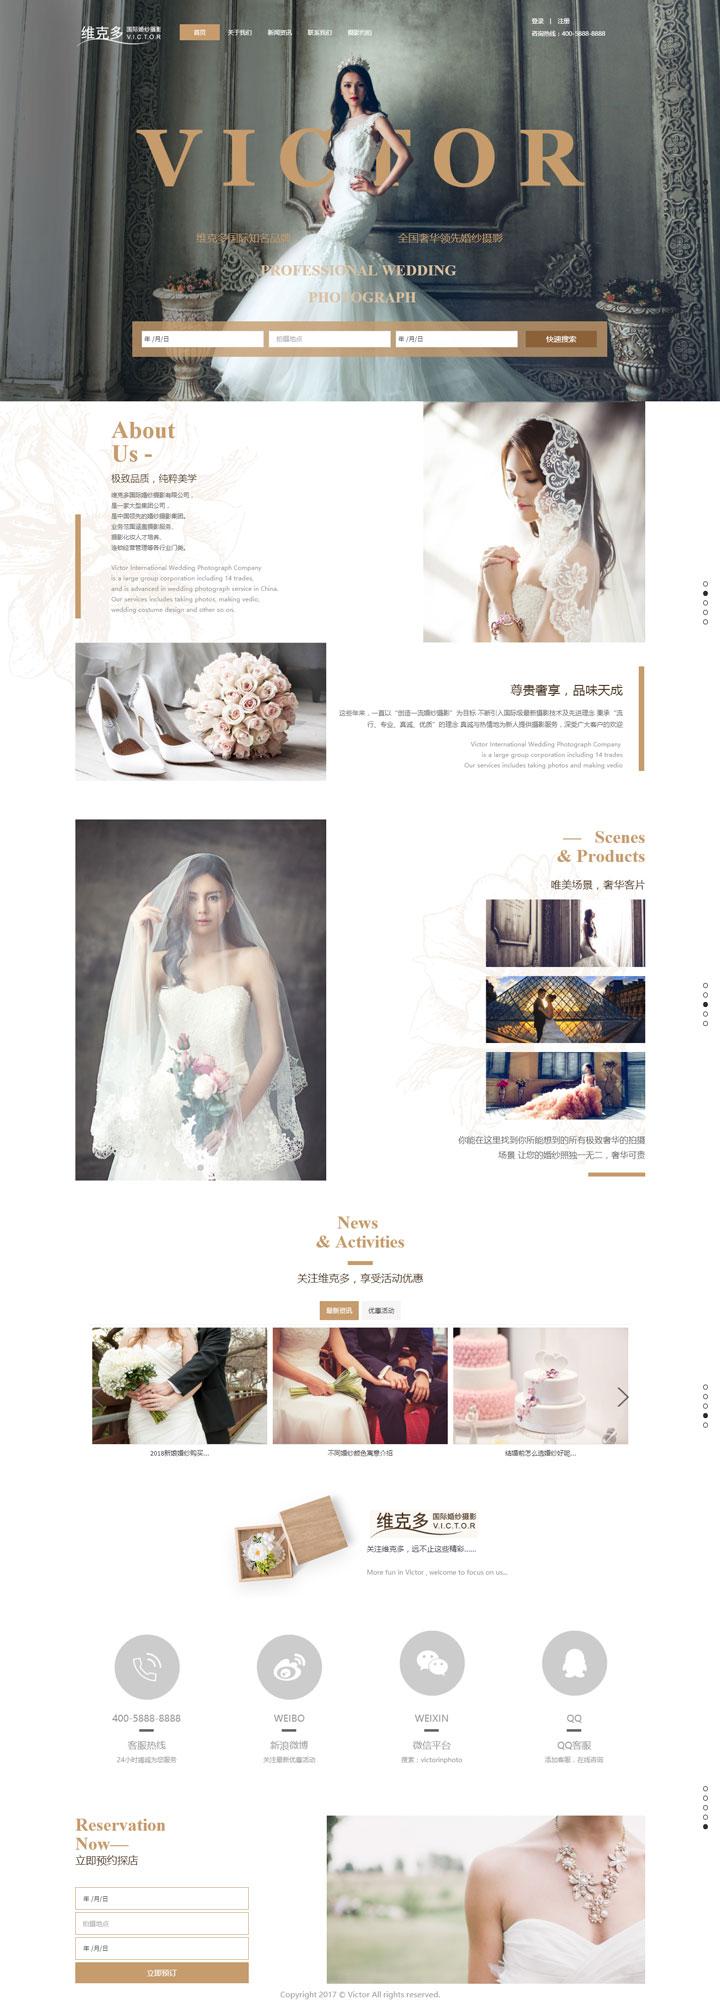 维克多婚纱摄影预约模板